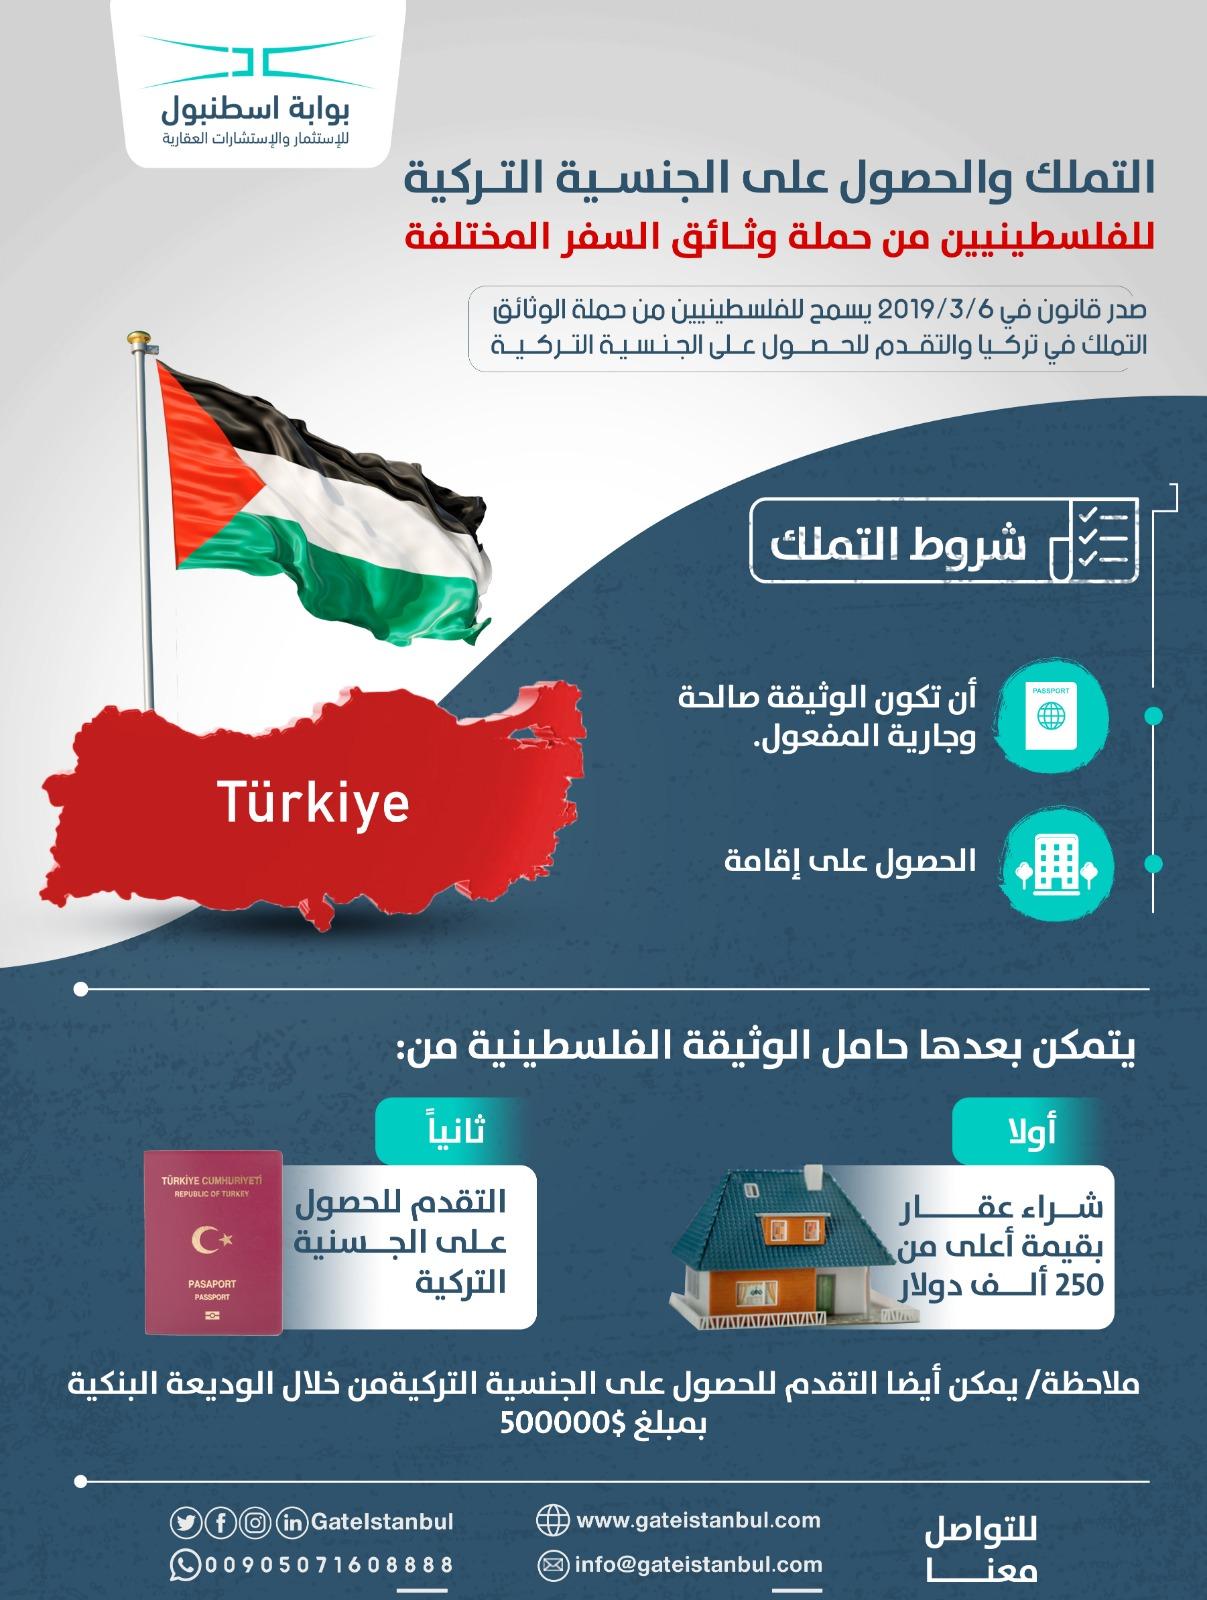 التملك والحصول على الجنسية التركية للفلسطينين من حملة وثائق السفر المختلفة